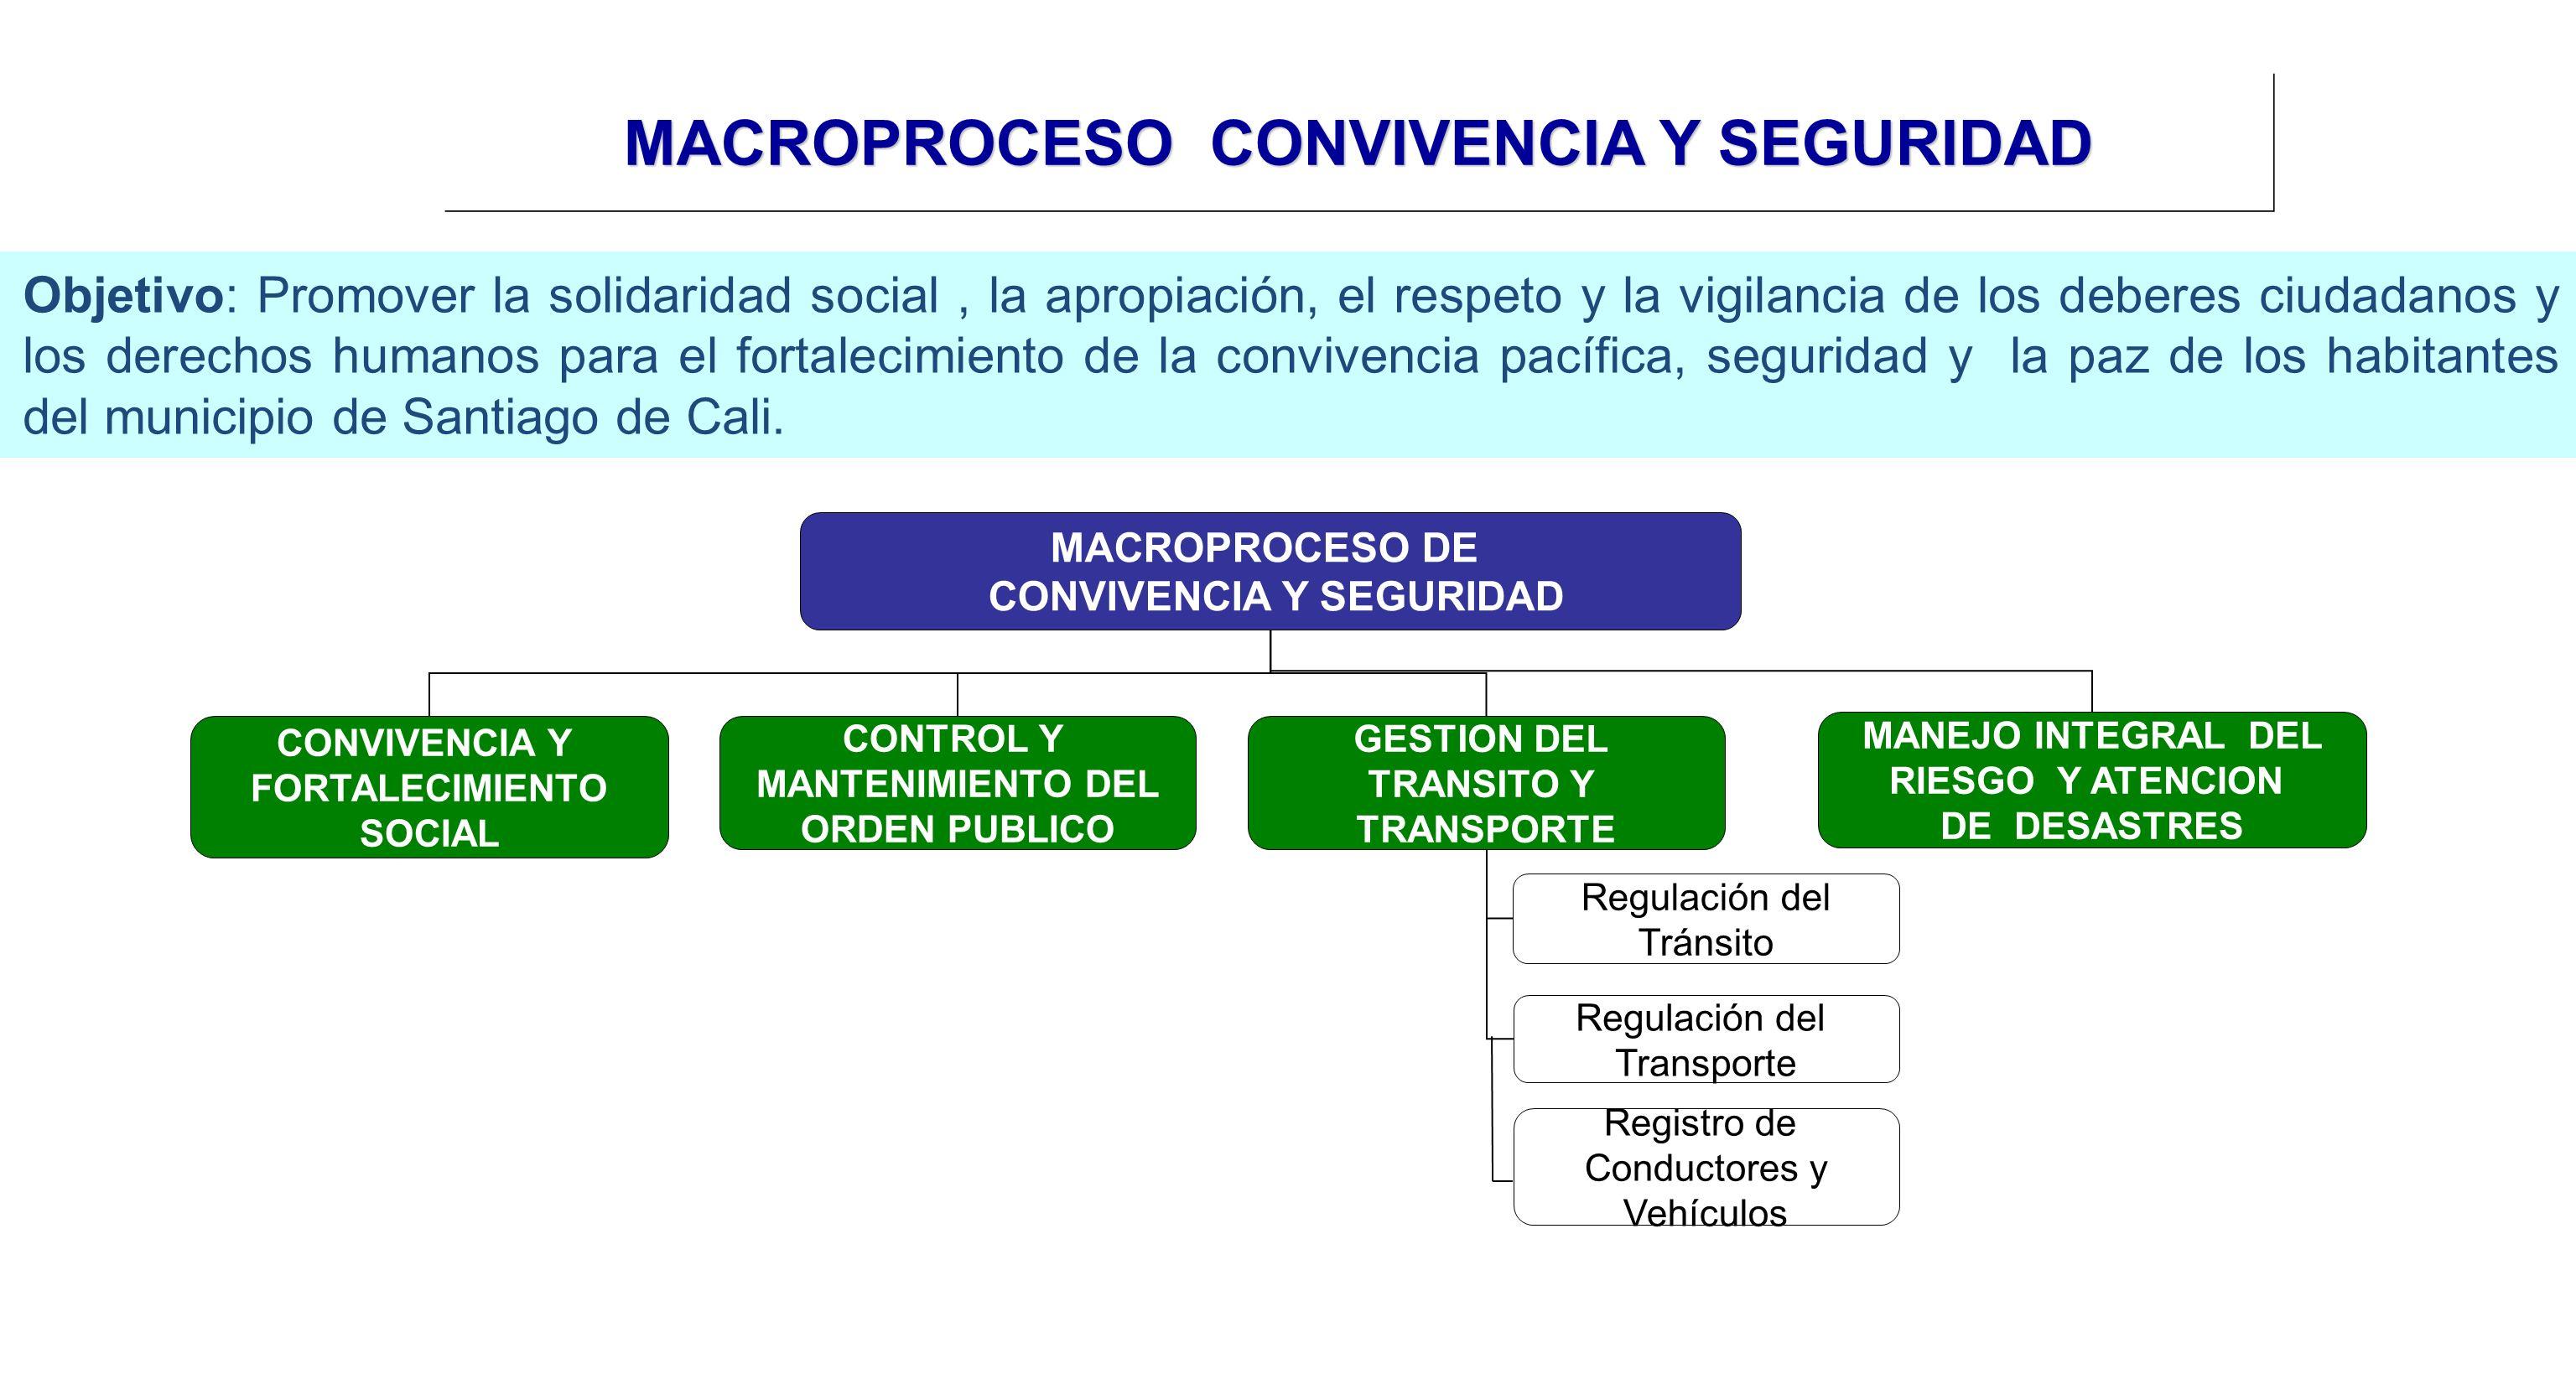 MACROPROCESO CONVIVENCIA Y SEGURIDAD Objetivo: Promover la solidaridad social, la apropiación, el respeto y la vigilancia de los deberes ciudadanos y